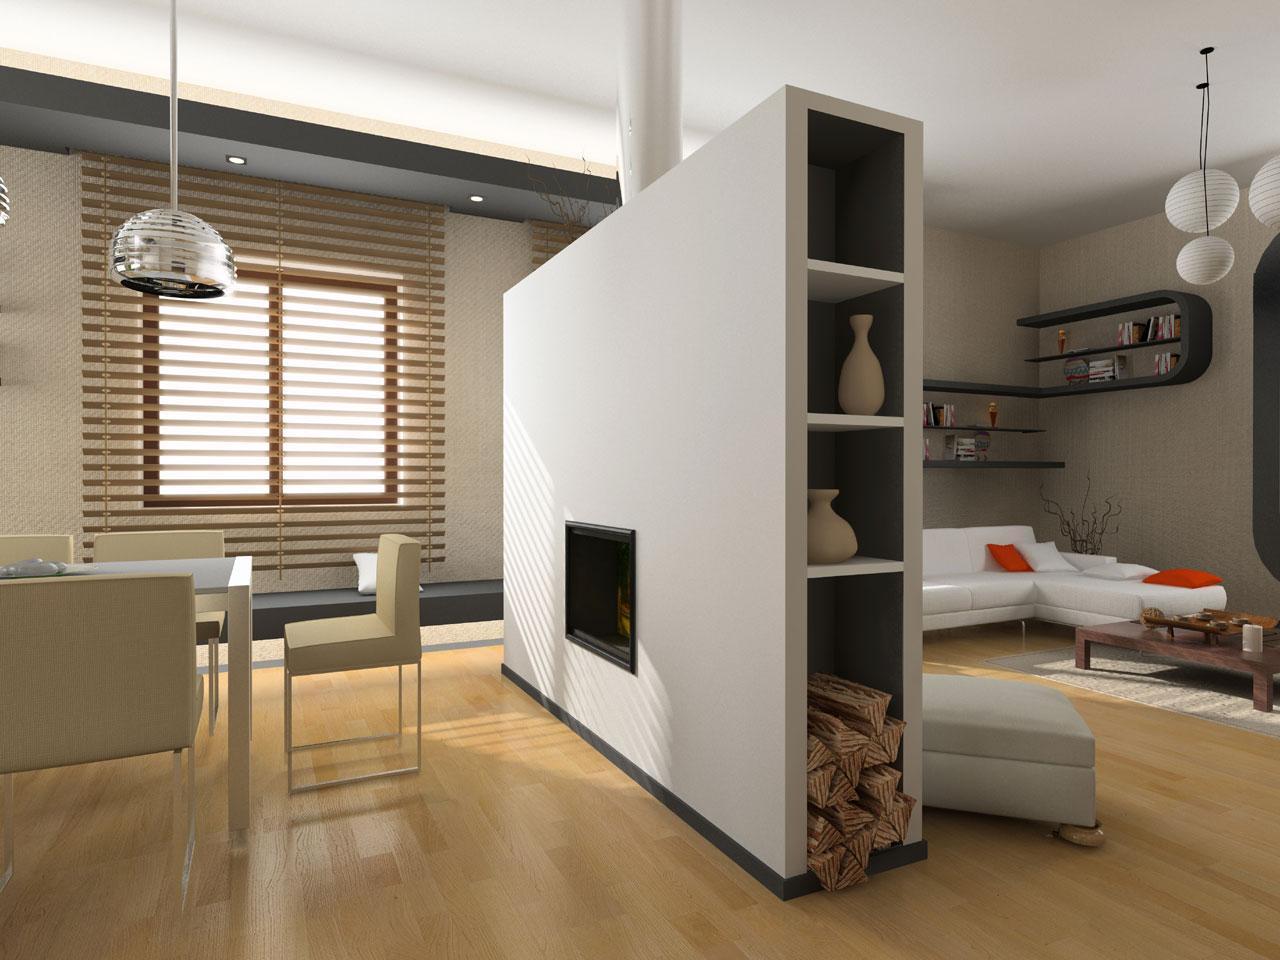 Перегородки в квартире как способ зонирования_1